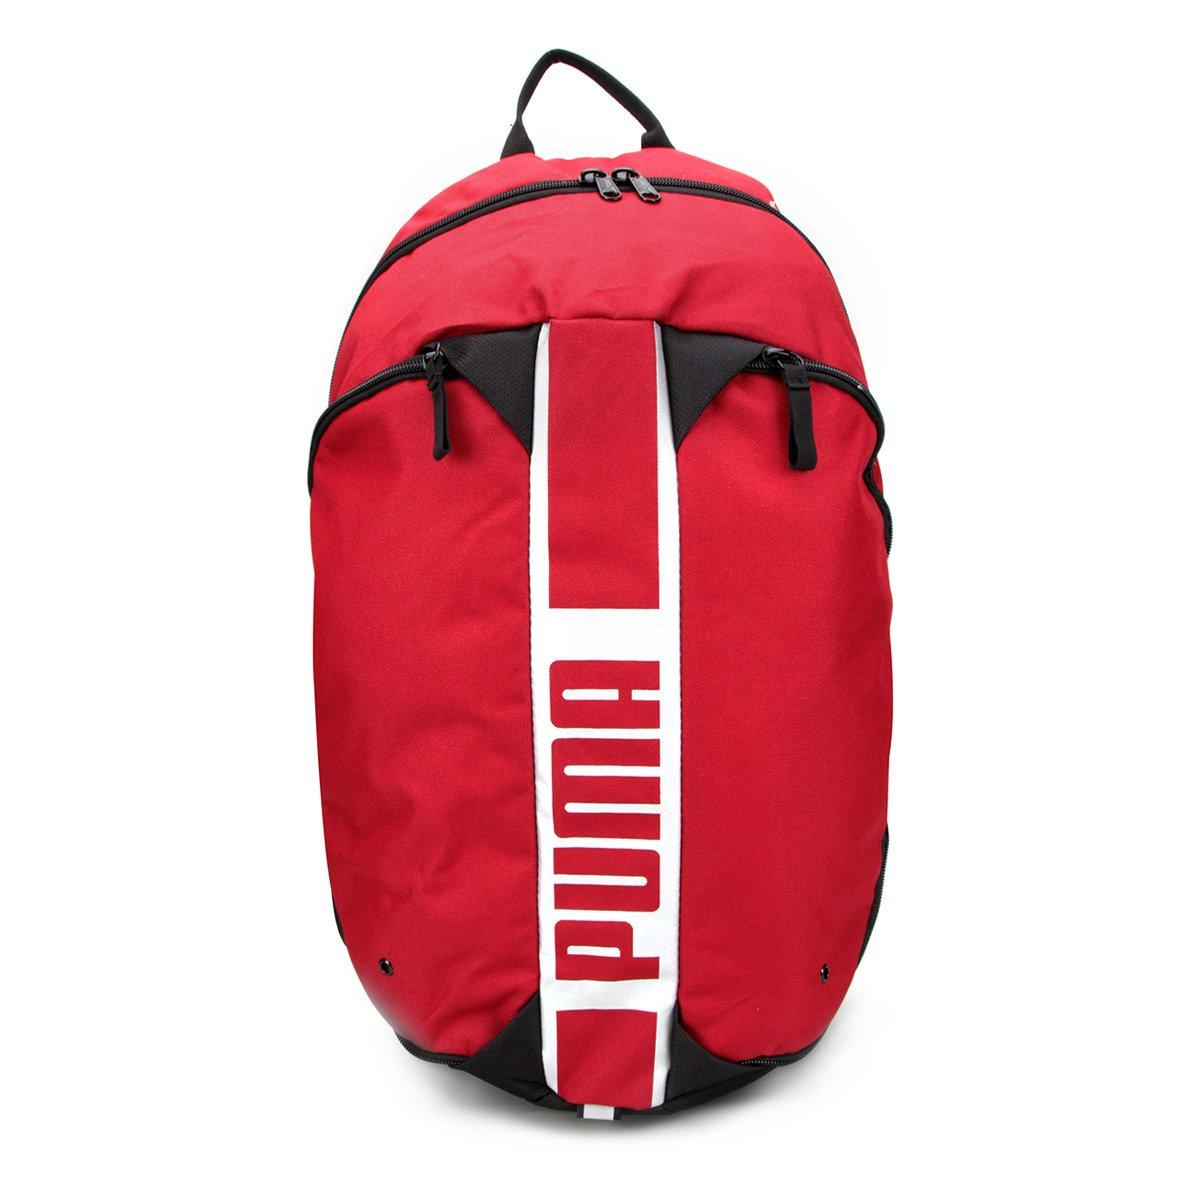 d3118f5c4ae3d Mochila Puma Deck Backpack II